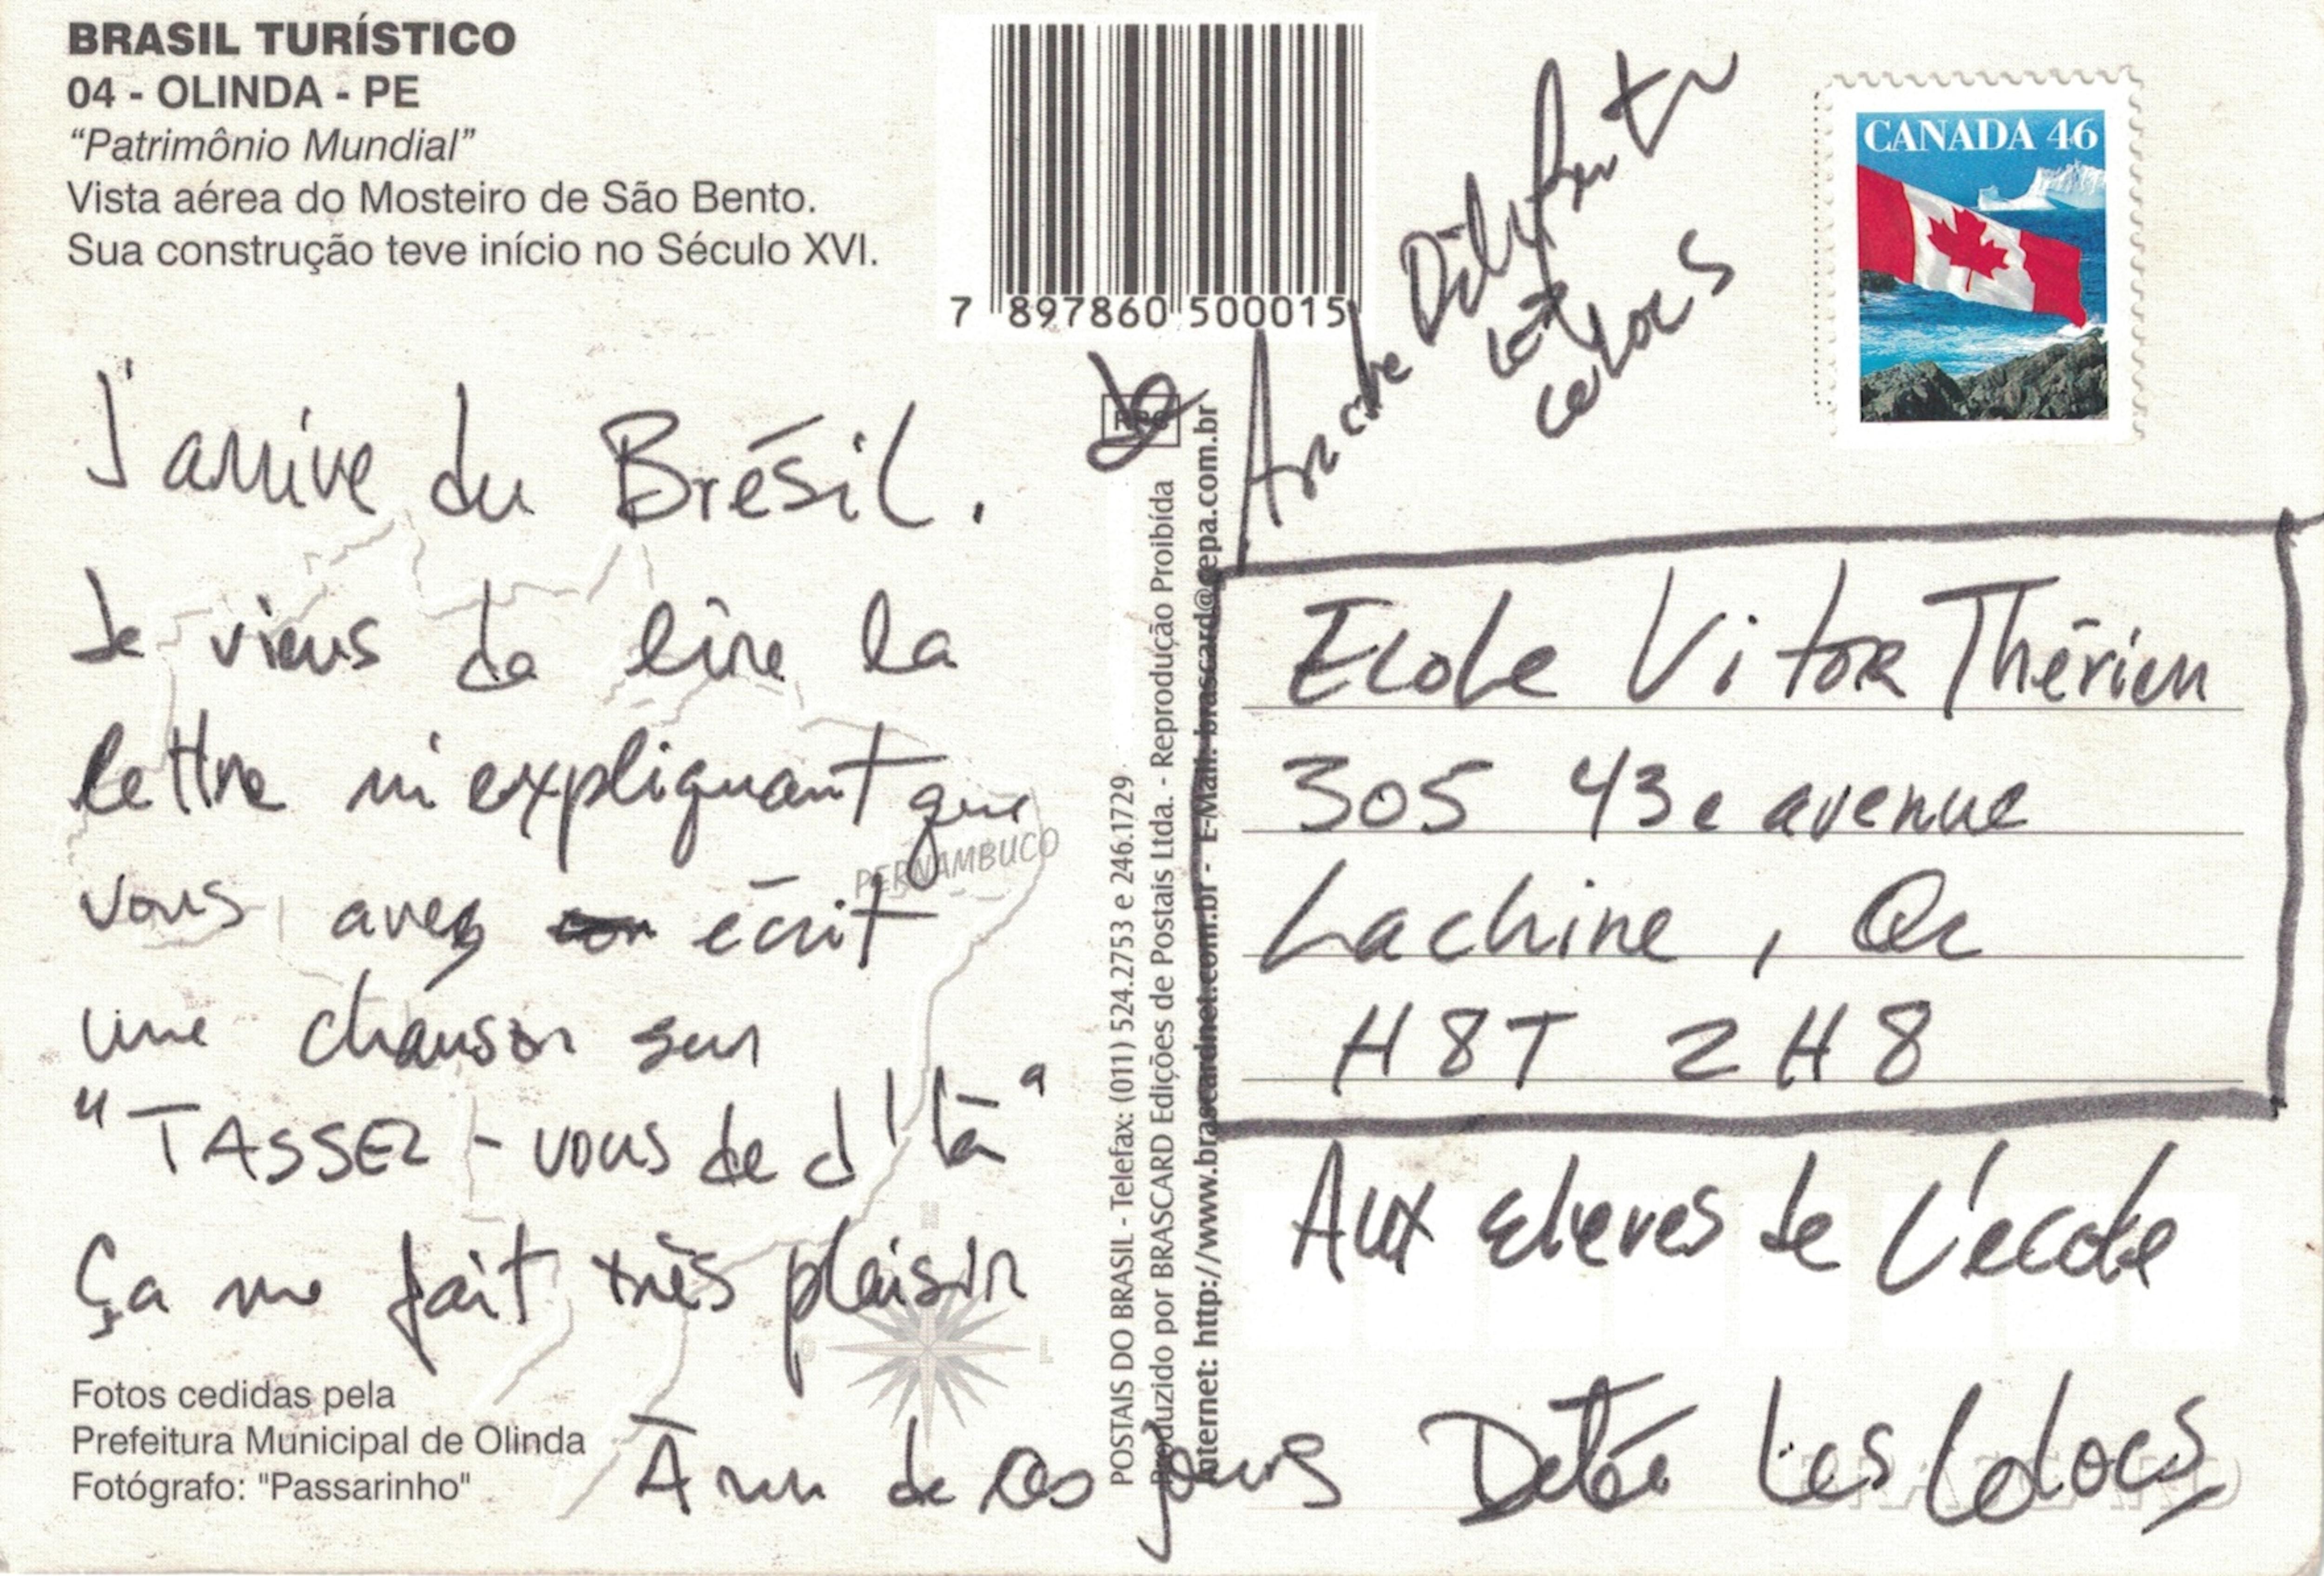 «J'arrive du Brésil. Je viens de lire la lettre m'expliquant que vous avez écrit une chanson sur Tassez-vous de d'là. Ça me fait très plaisir», écrit André Dédé Fortin.